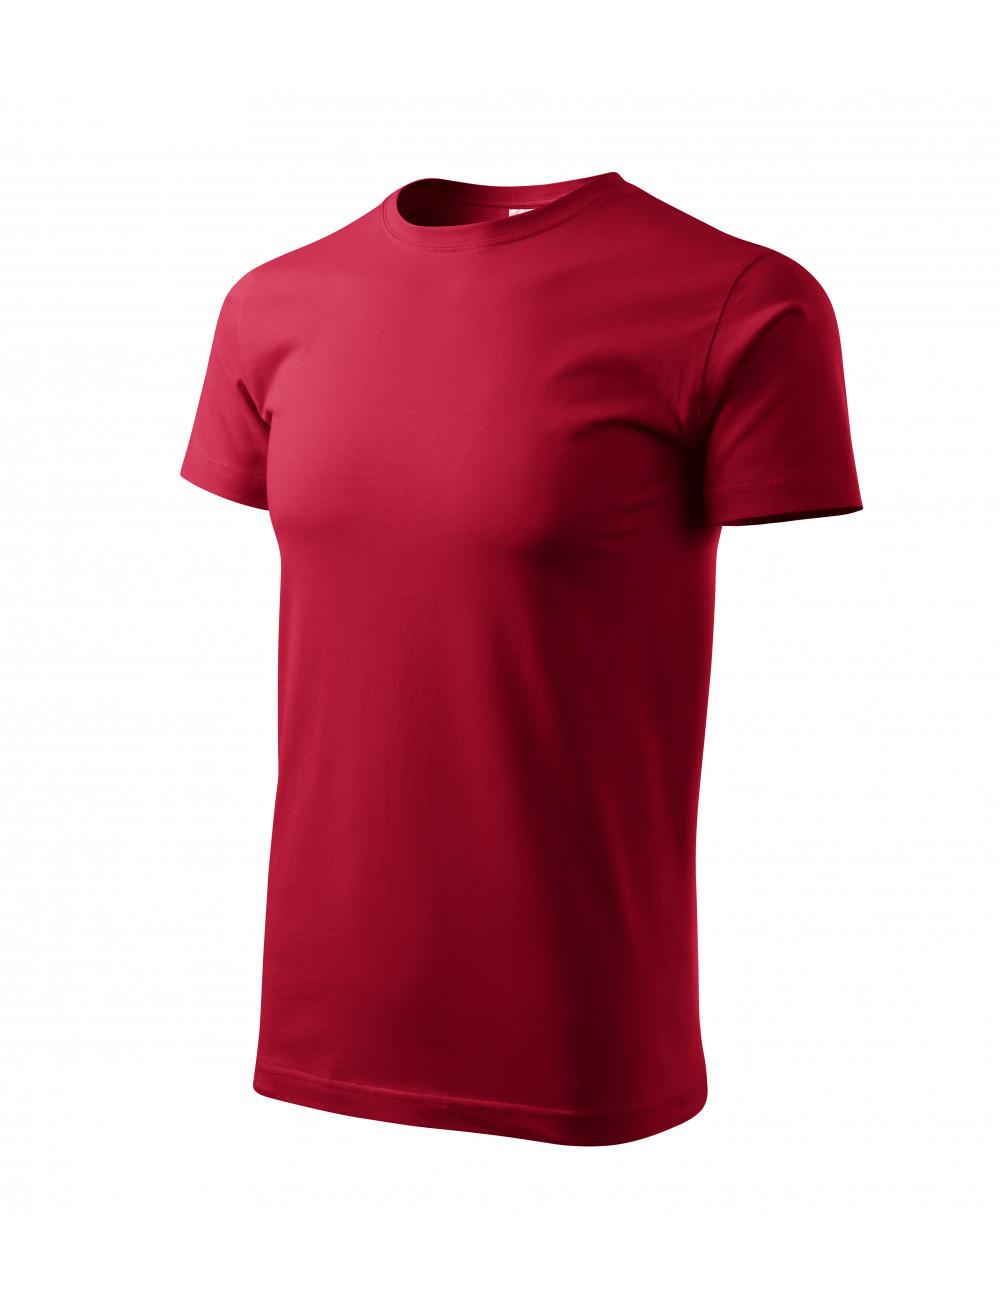 Adler MALFINI Koszulka męska Basic 129 marlboro czerwony